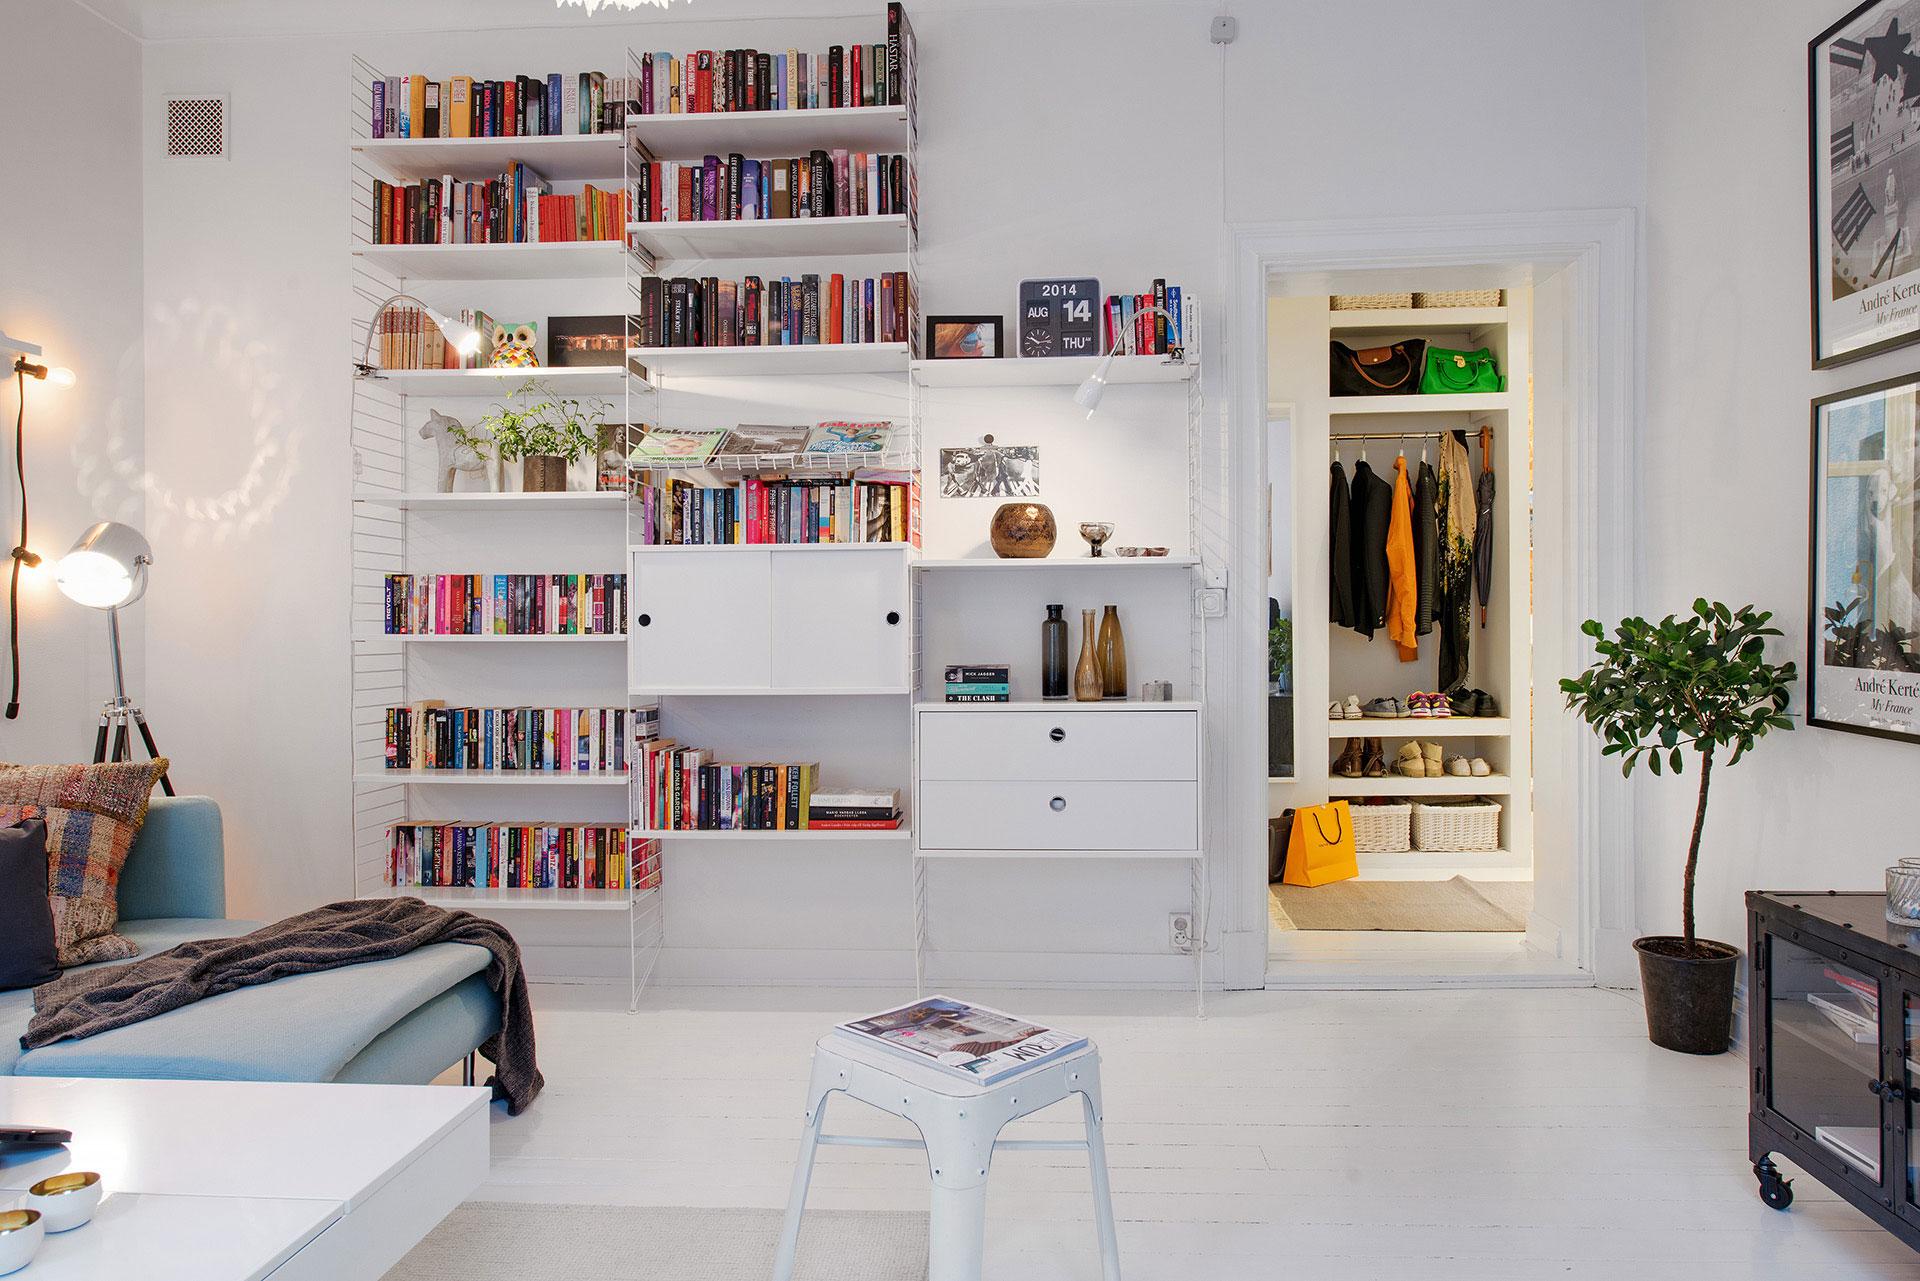 Bookshelves in a living room